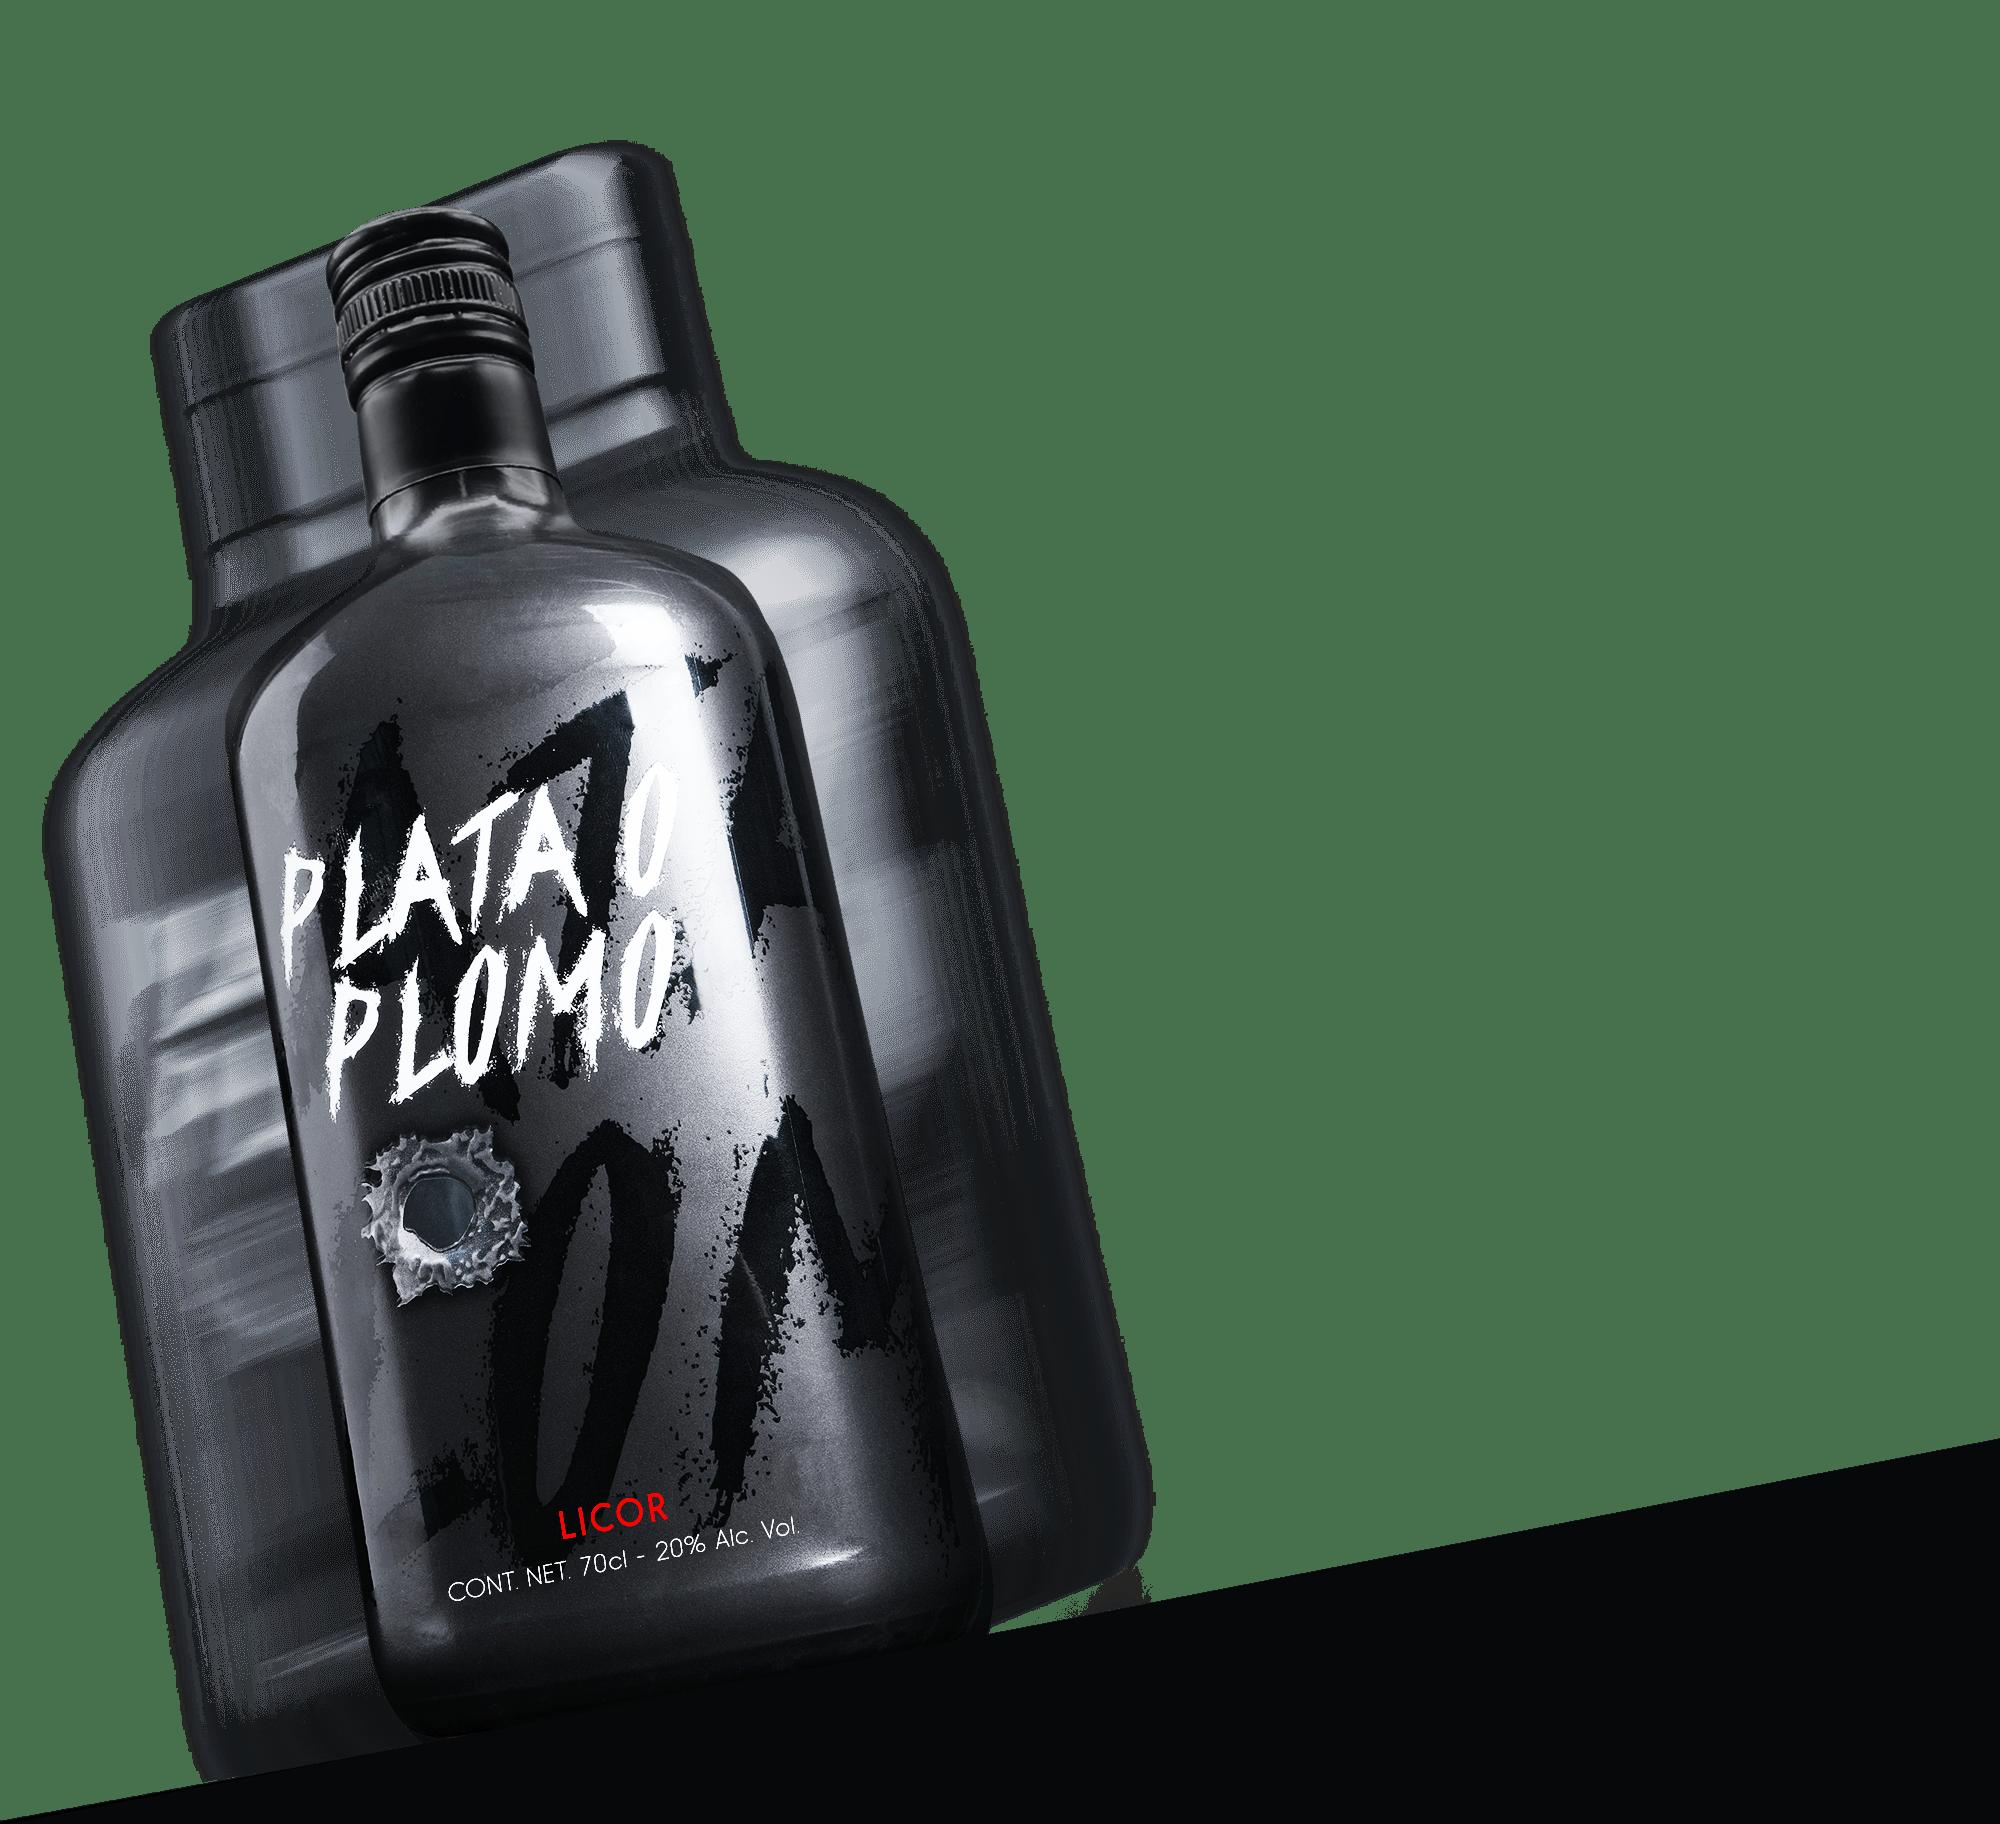 Botella de Plata o Plomo